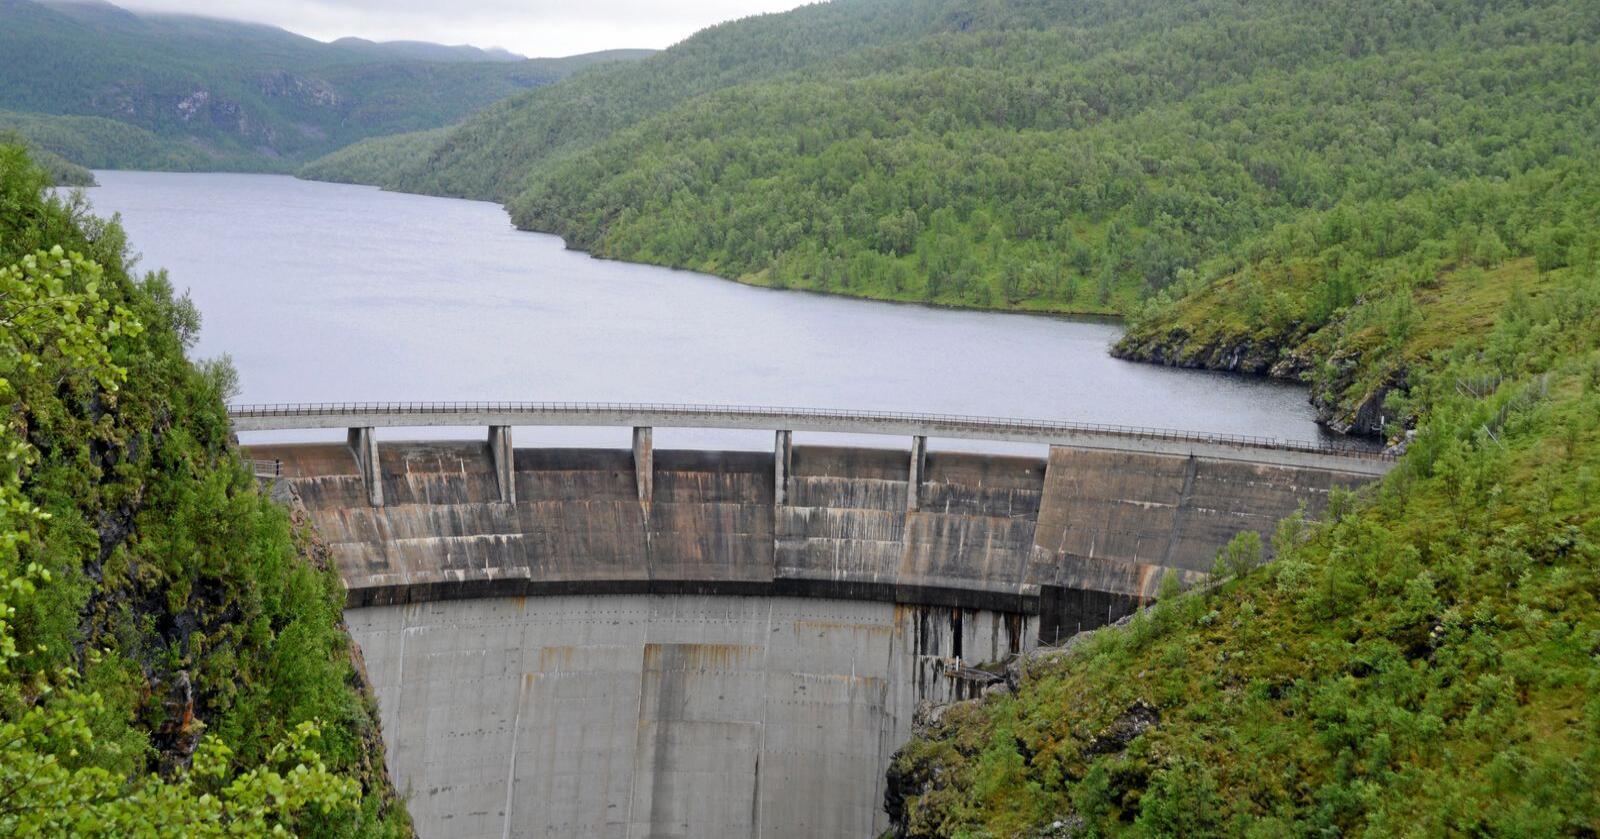 I Norge er vi heldig å ha et stort energipotensial i både vann- og vindkraft. Dette er en kjempemulighet for Norge, skriver Ole Gunnar Dahlhaug. Foto: Mariann Tvete